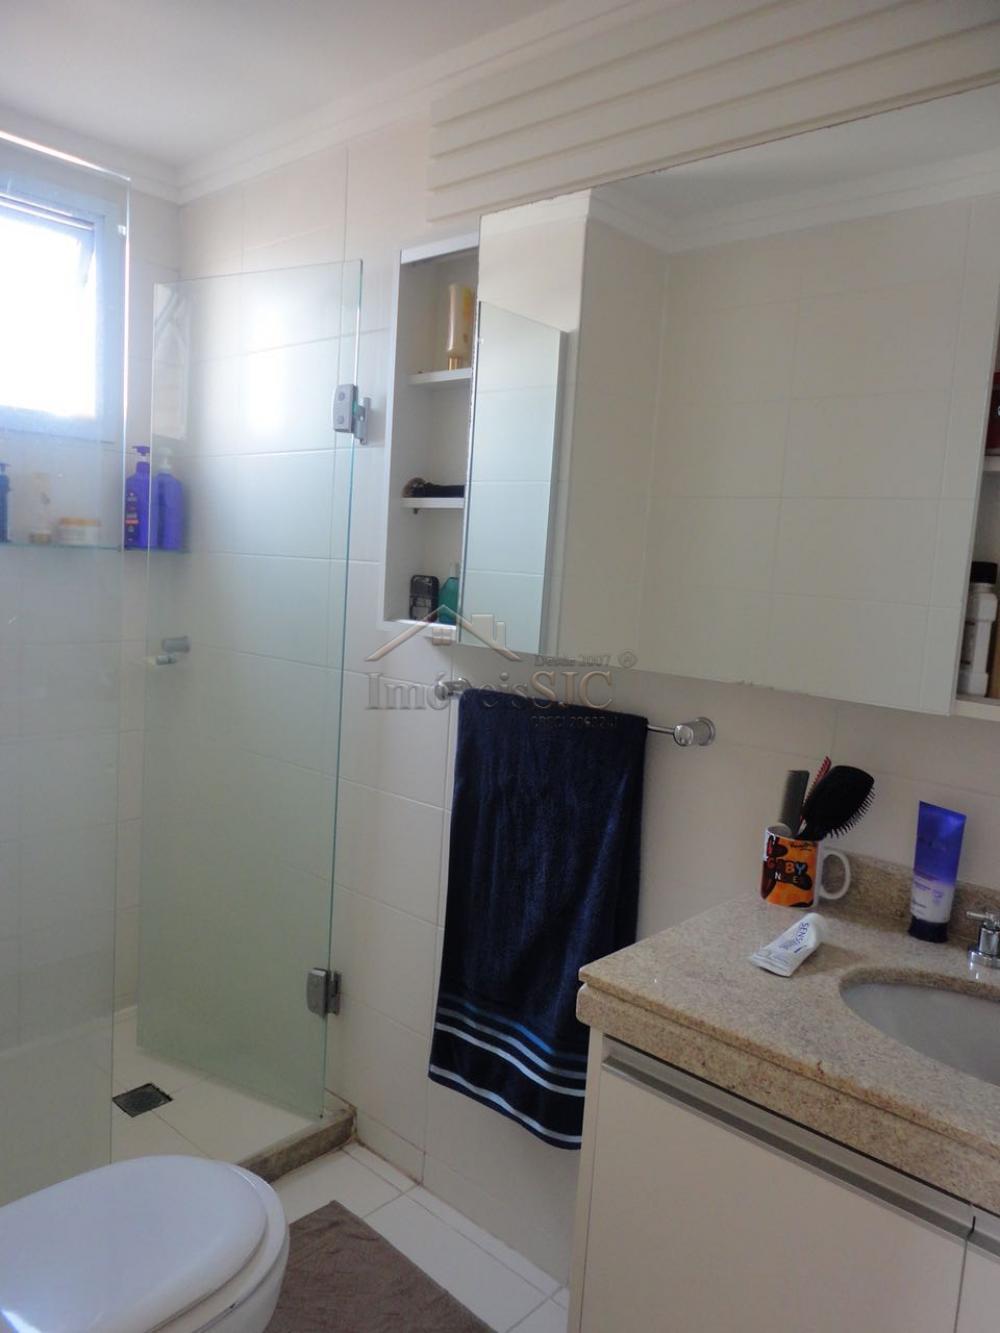 Comprar Apartamentos / Padrão em São José dos Campos apenas R$ 670.000,00 - Foto 7